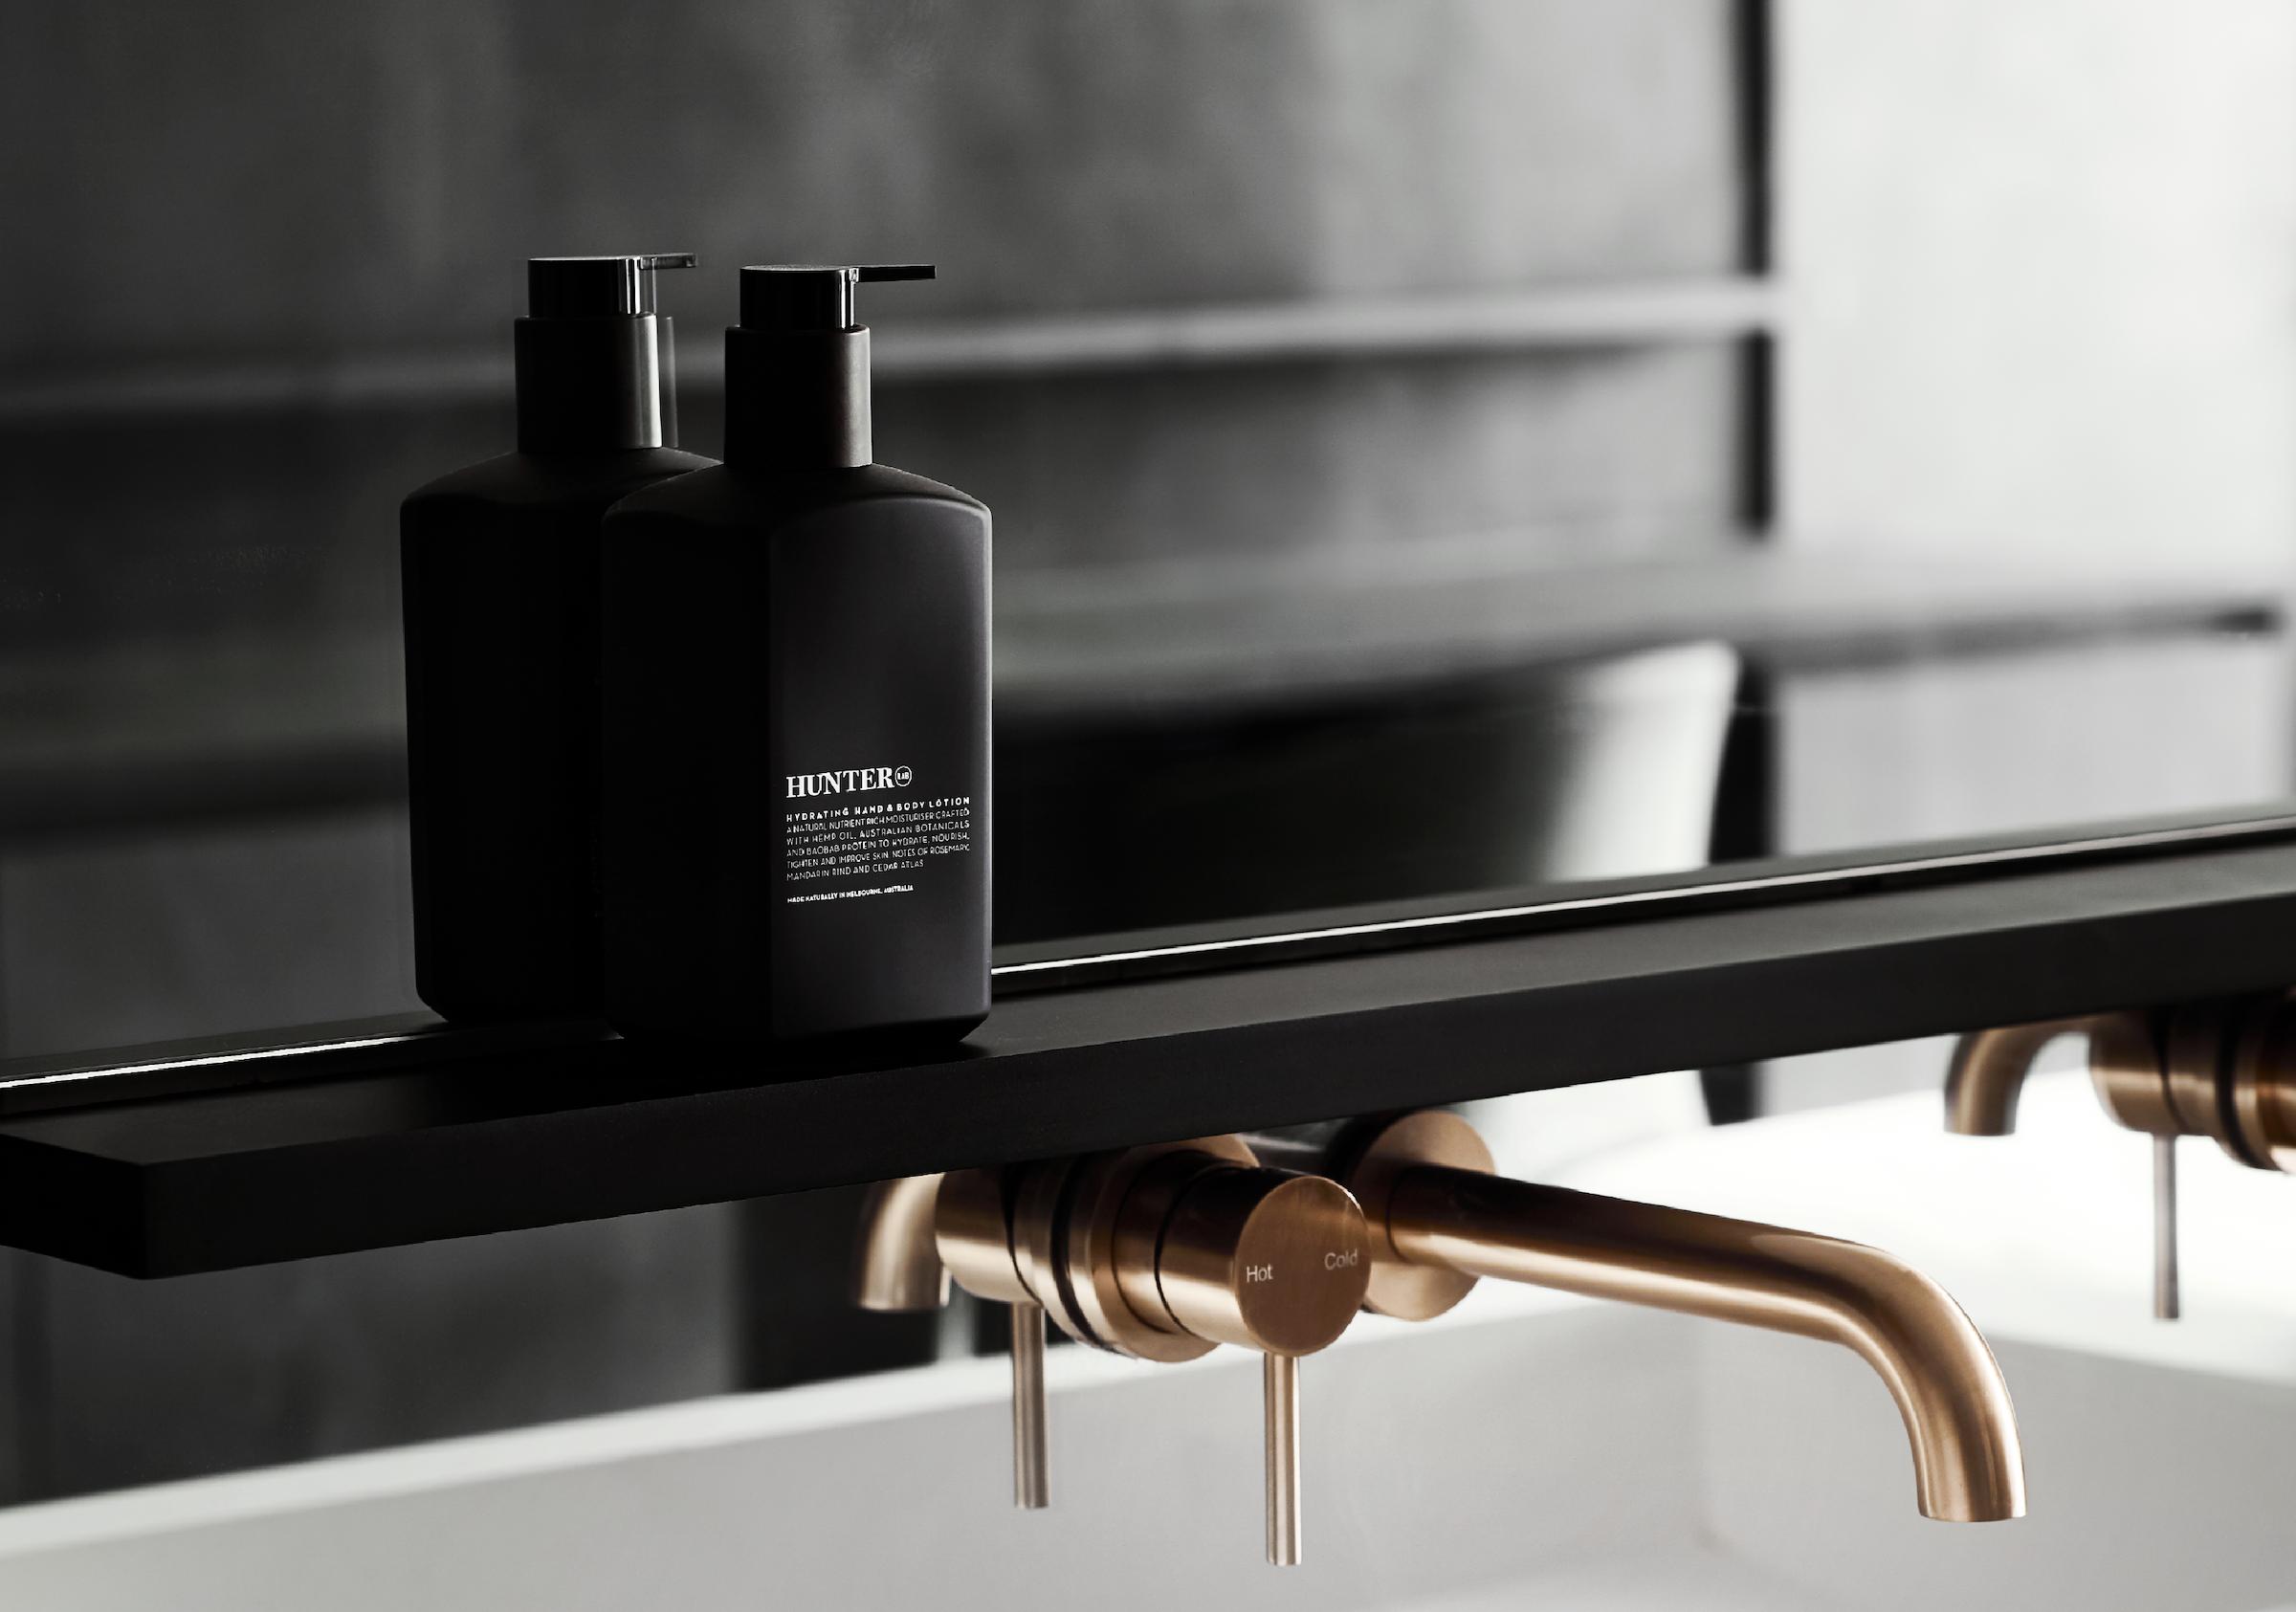 Best Australian Men's Skincare-Brands   Hunter Label Skin Care   Softer Volumes